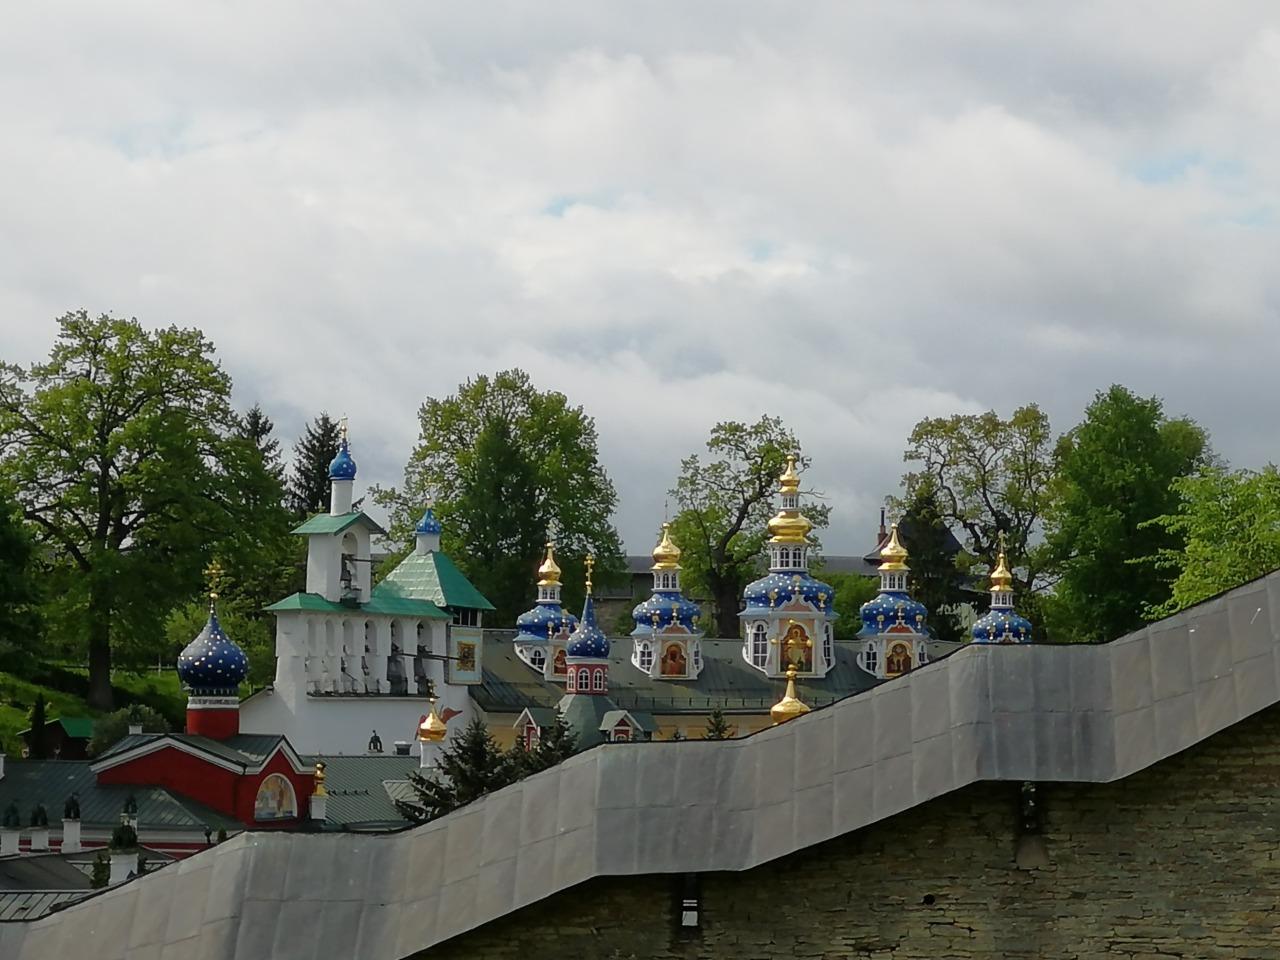 Поездка в знаменитый Псково-Печерский монастырь и легендарный Изборск - индивидуальная экскурсия в Пскове от опытного гида